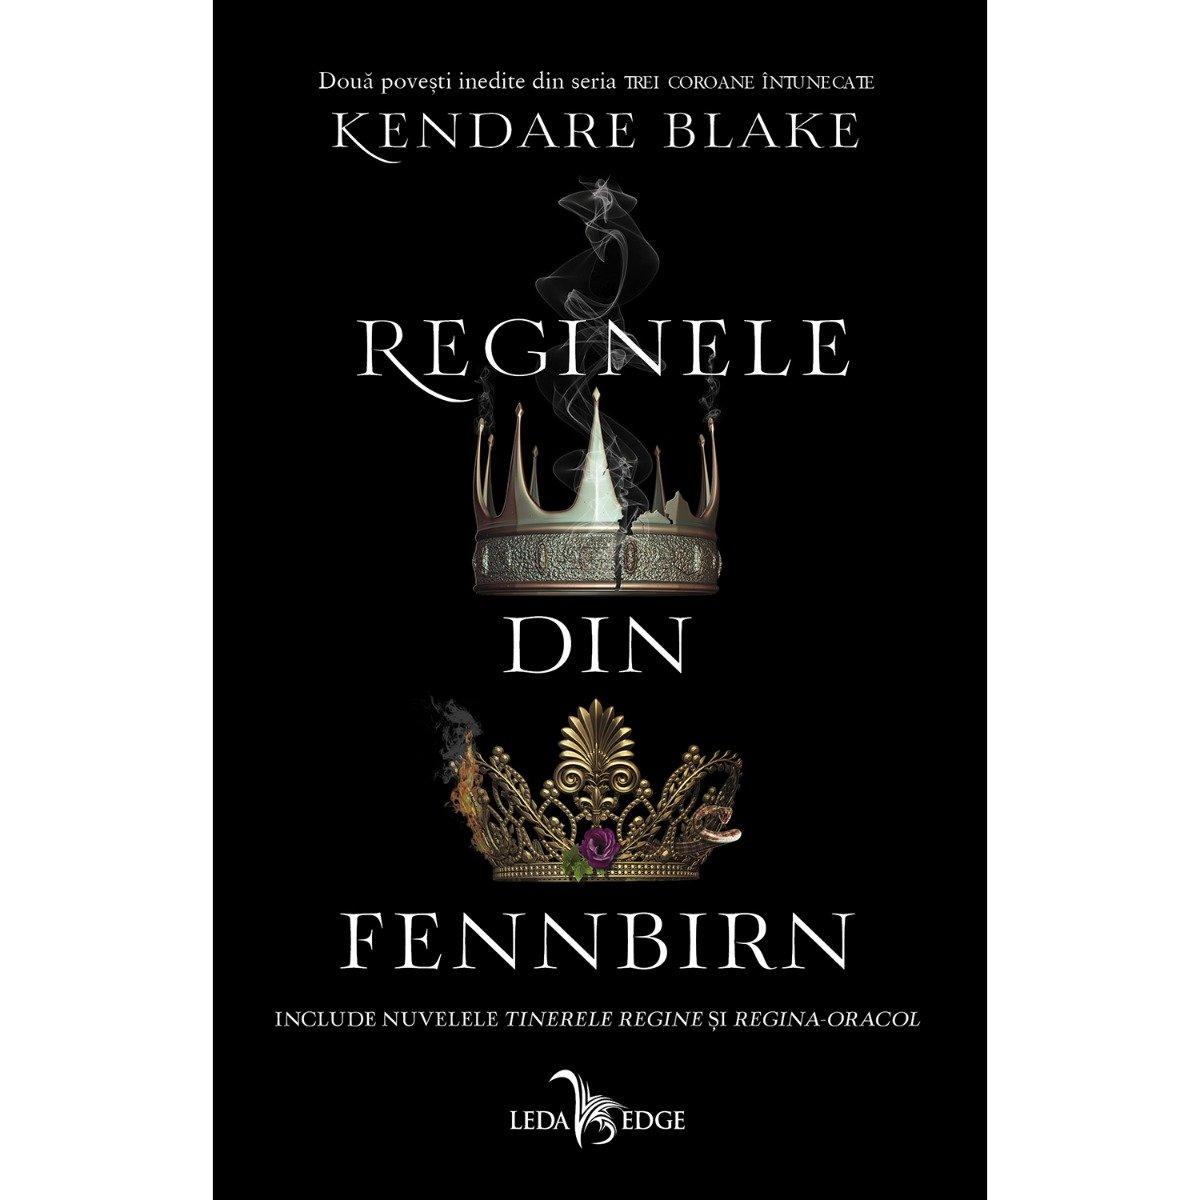 Reginele din Fennbirn, Kendare Blake